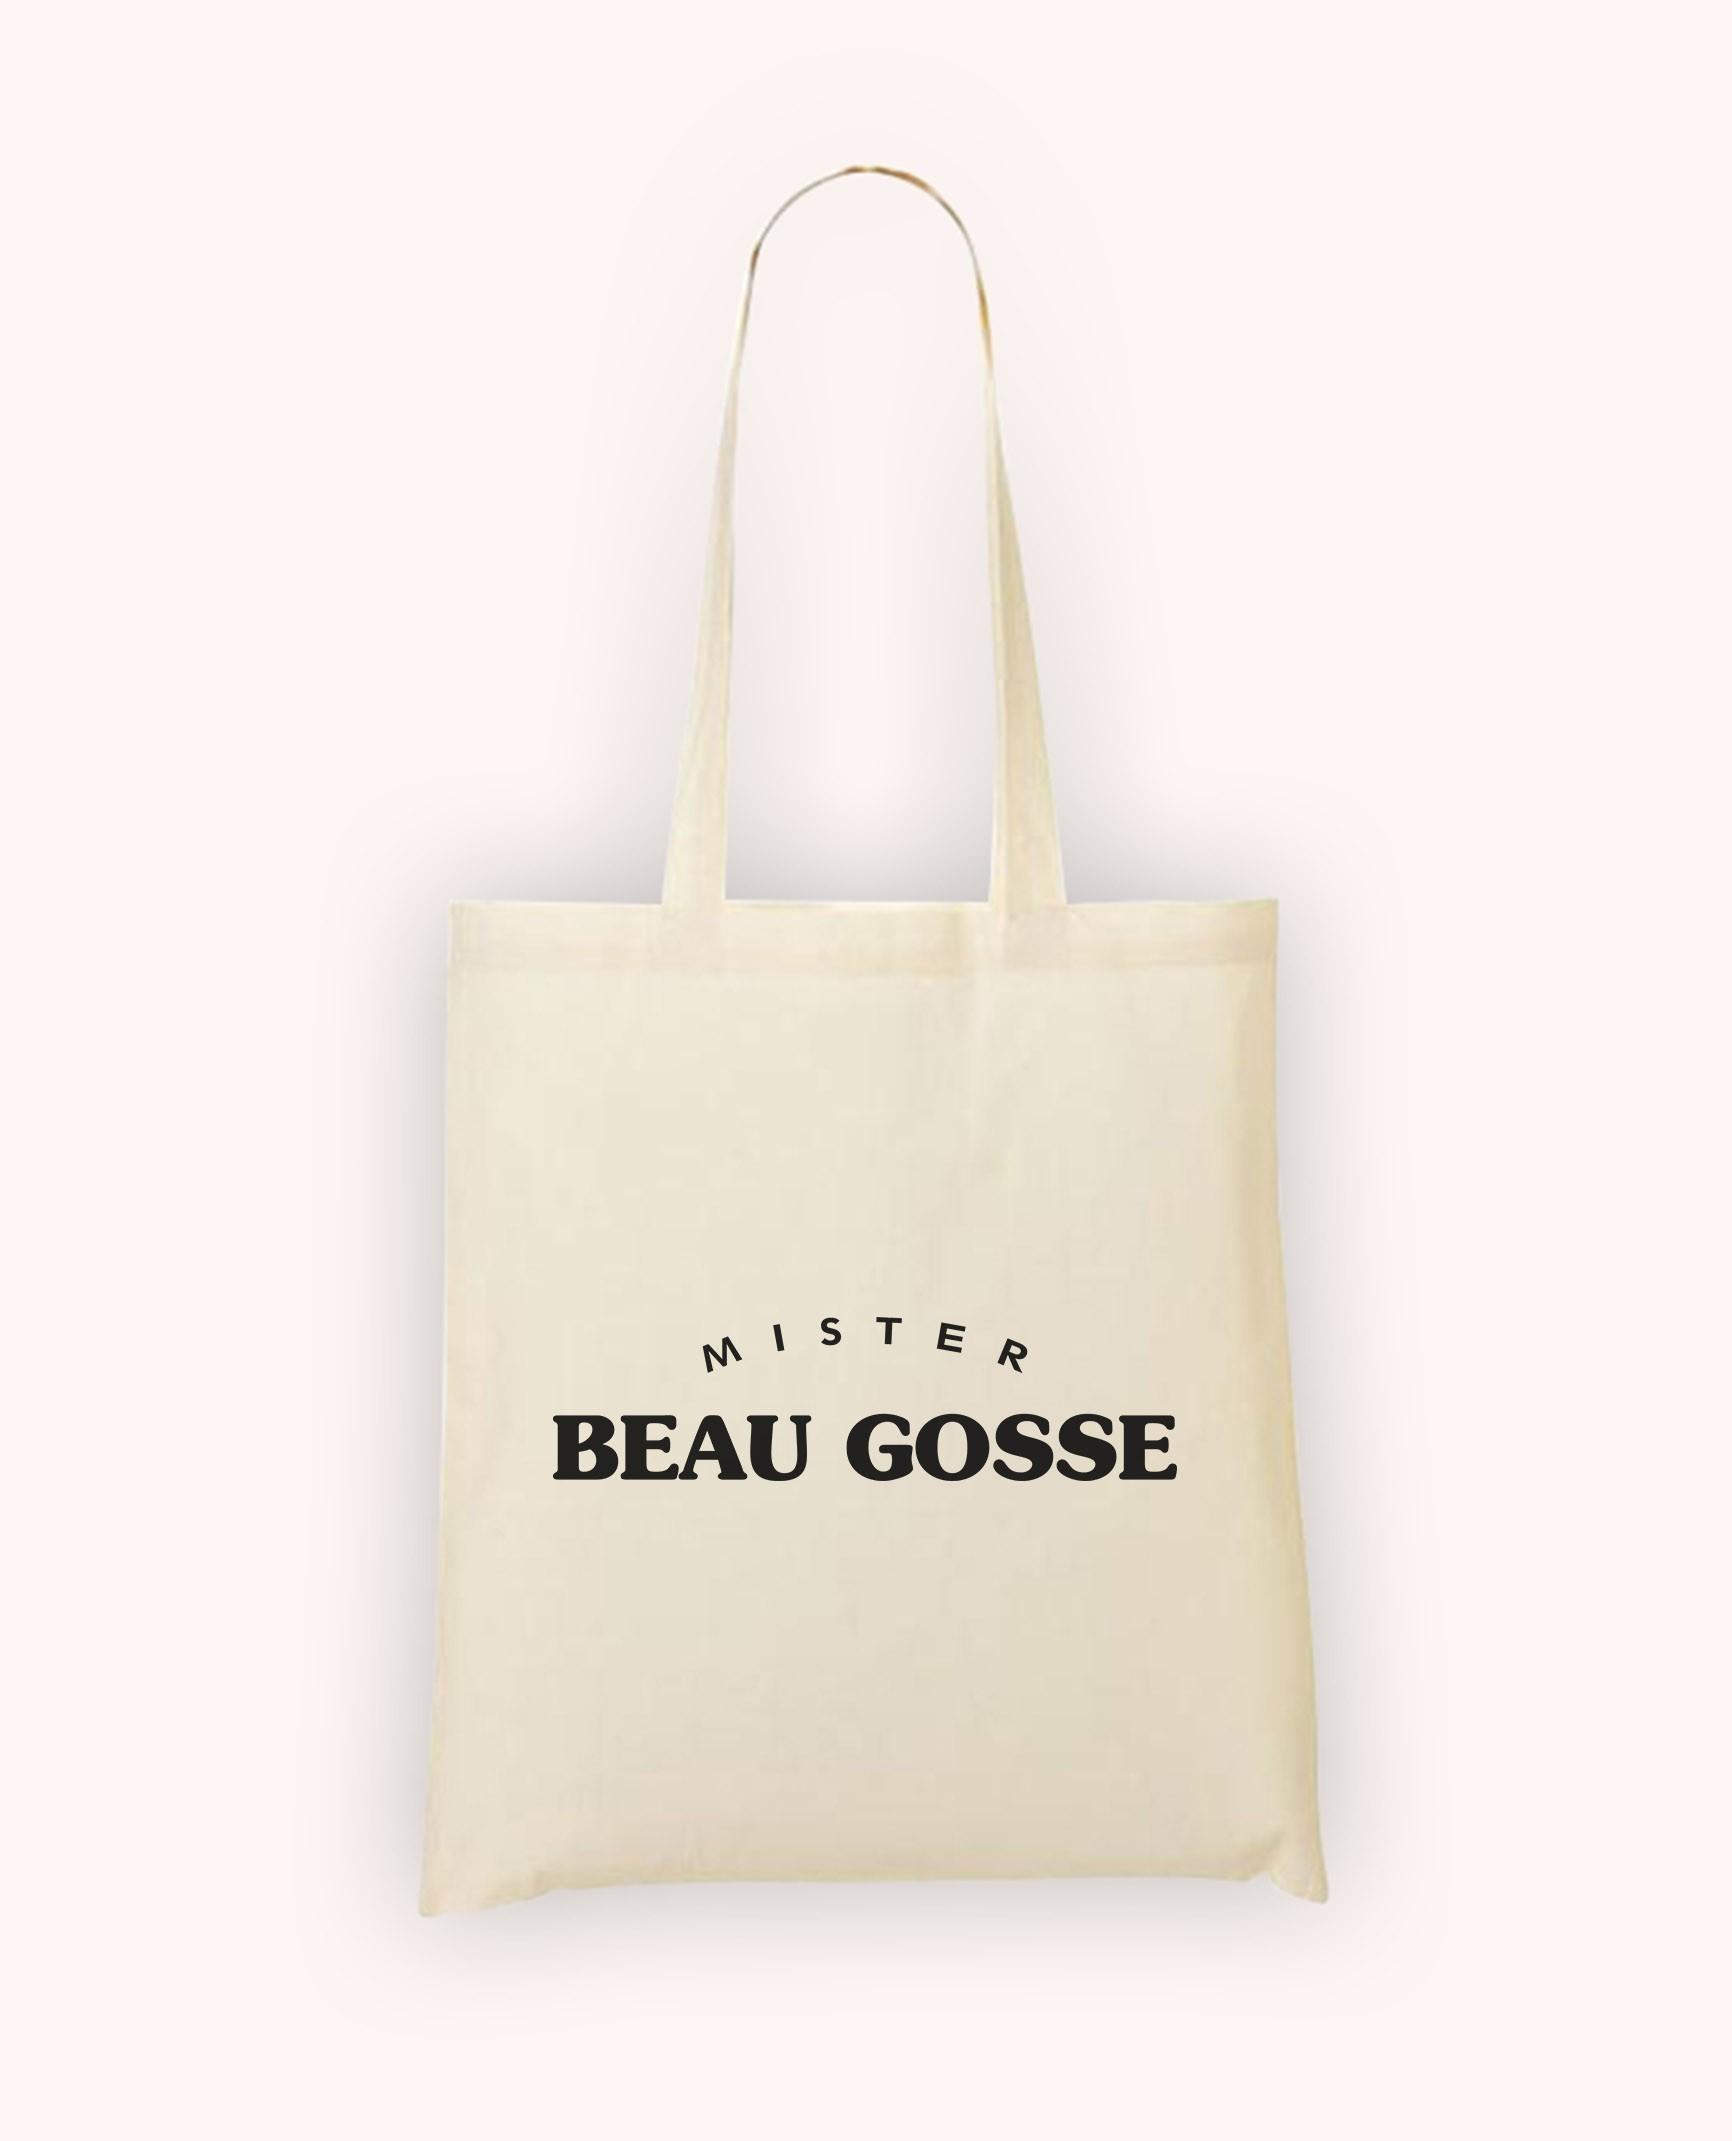 Totebag Mister Beau Gosse